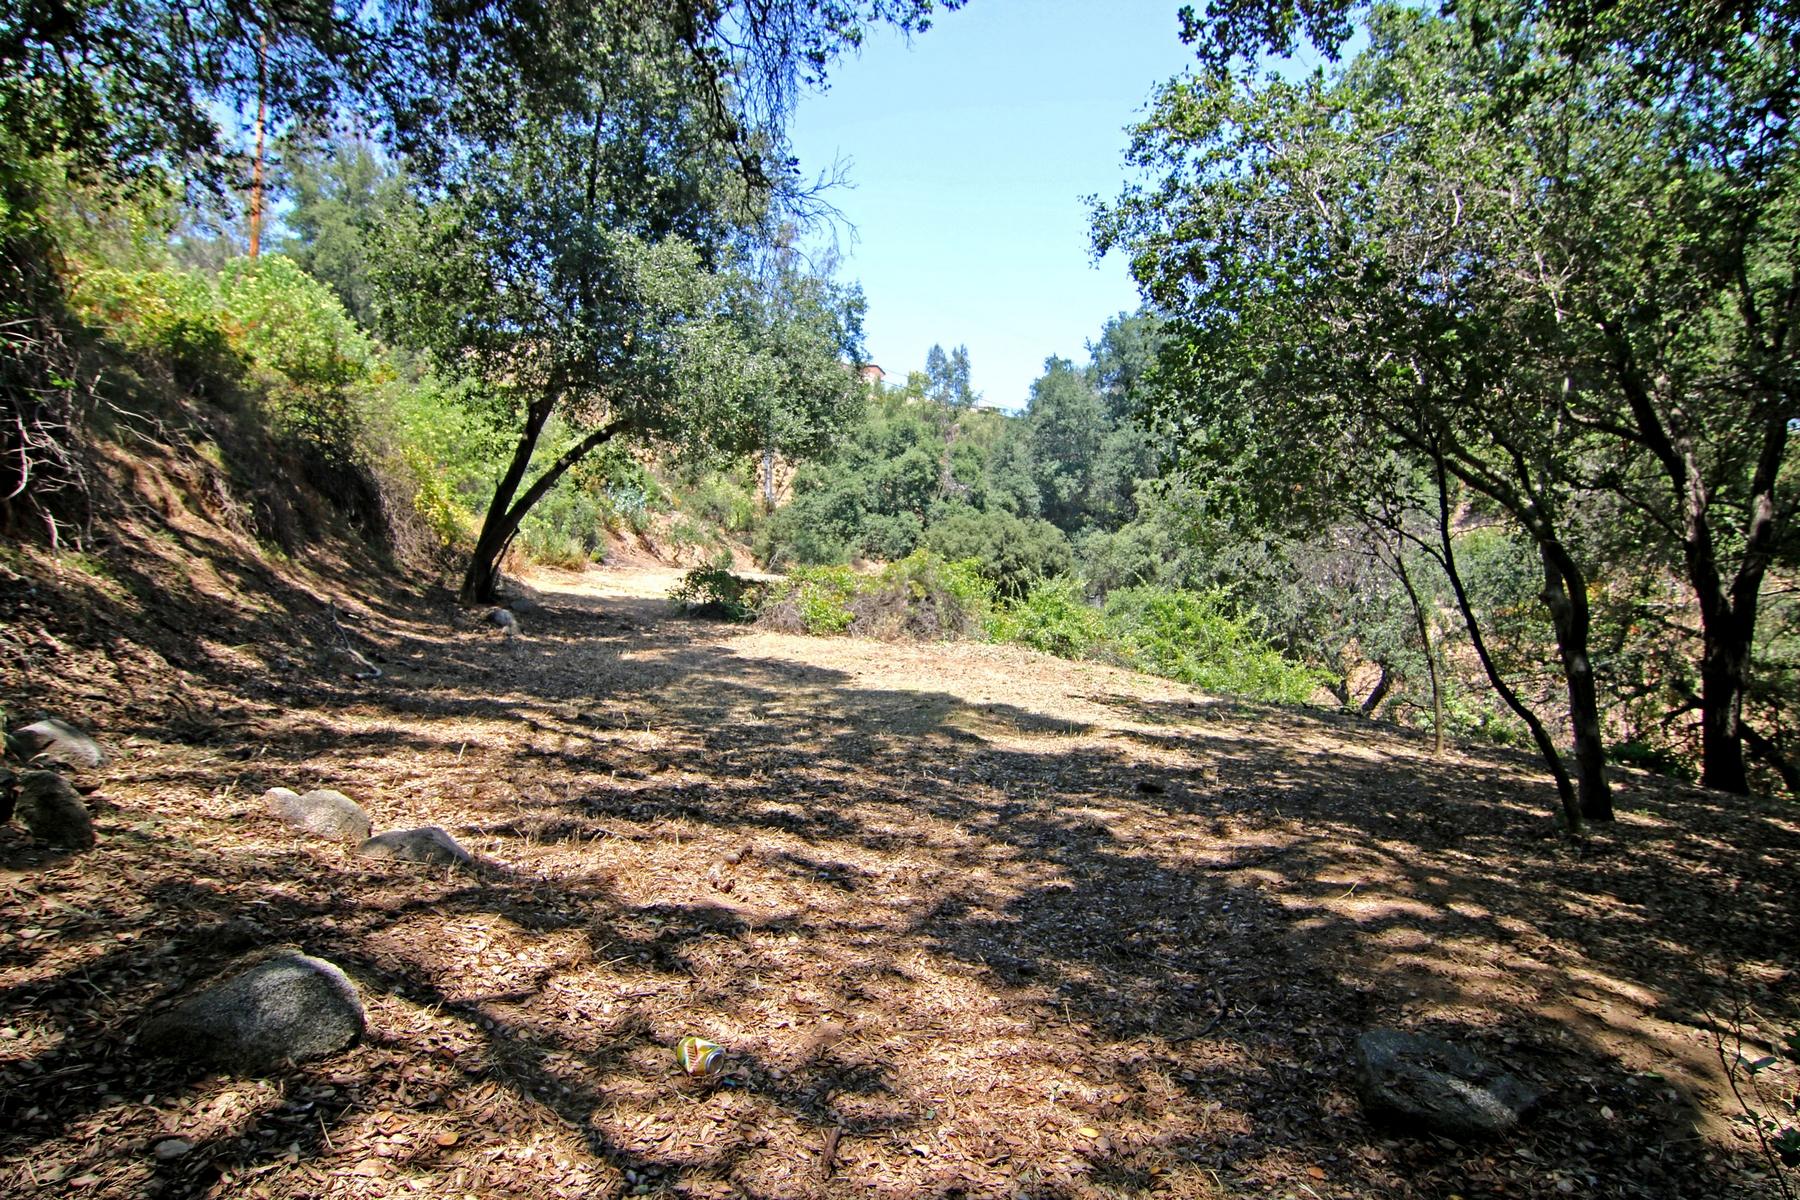 Terreno per Vendita alle ore Live Oak Canyon Road Lot 2 La Verne, California, 91750 Stati Uniti